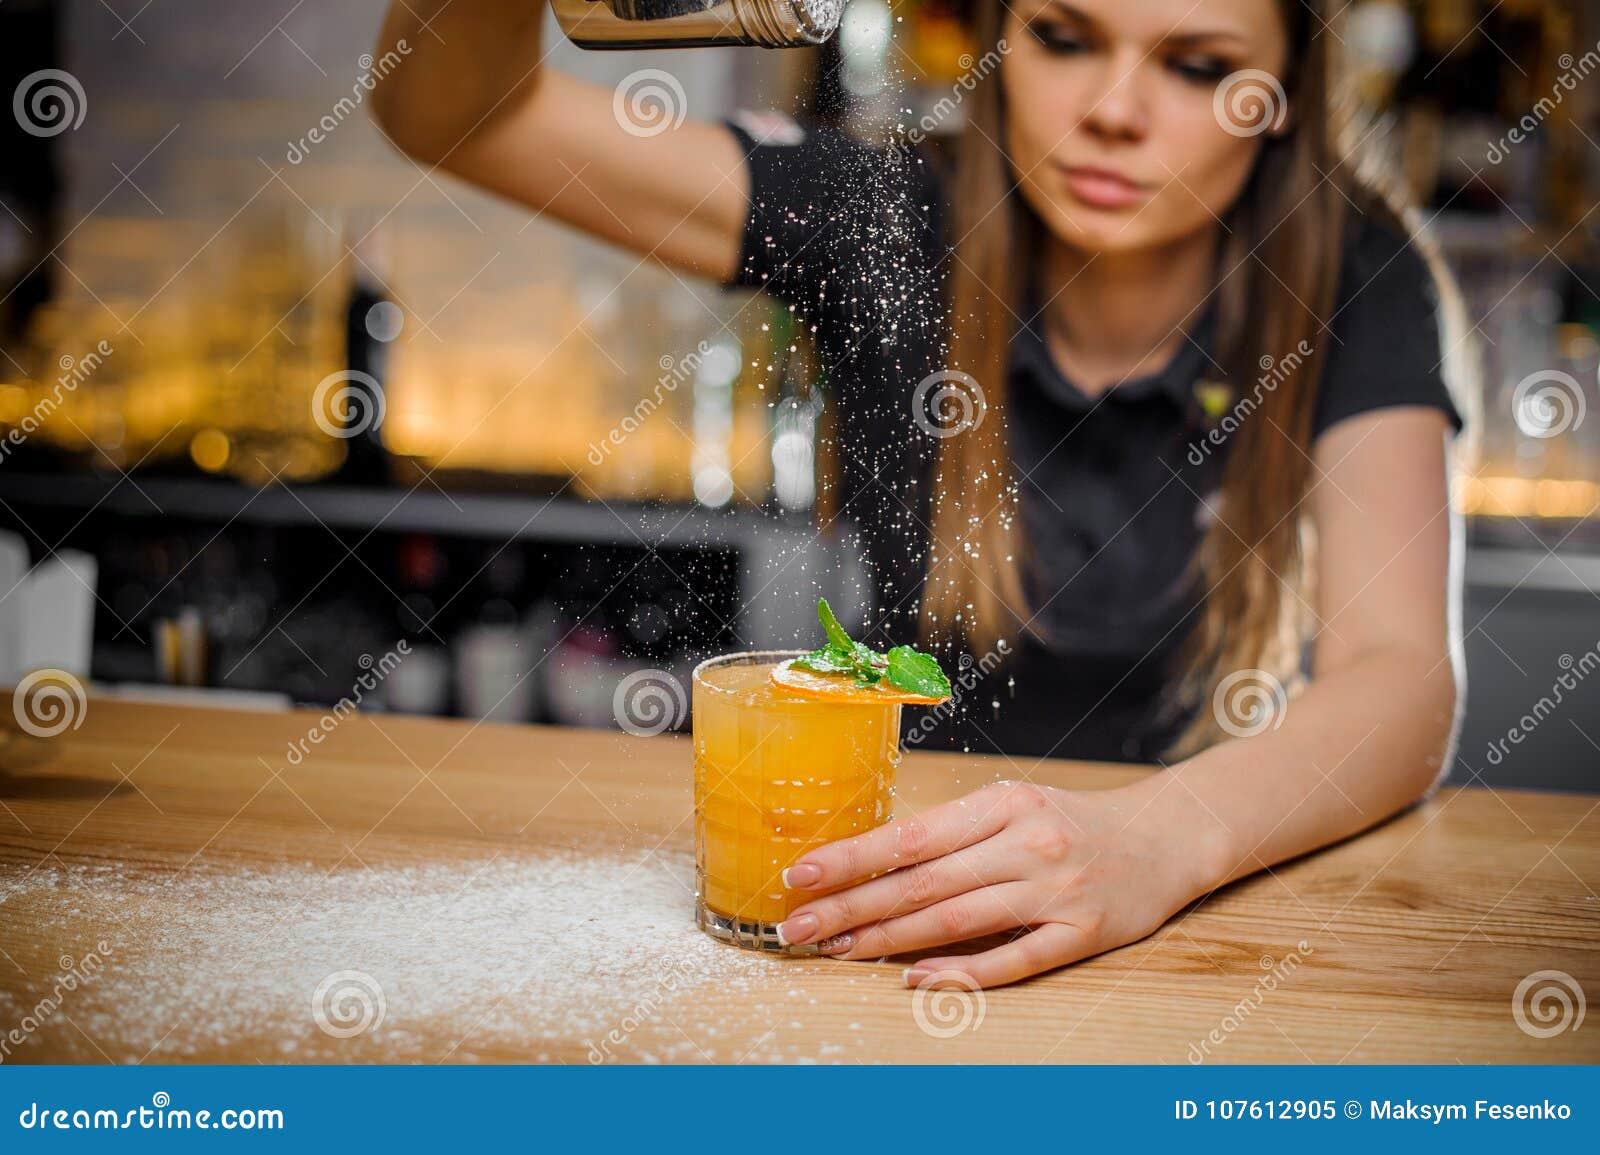 La barmaid finit la préparation du cocktail décorée de l orange en bon état et sèche